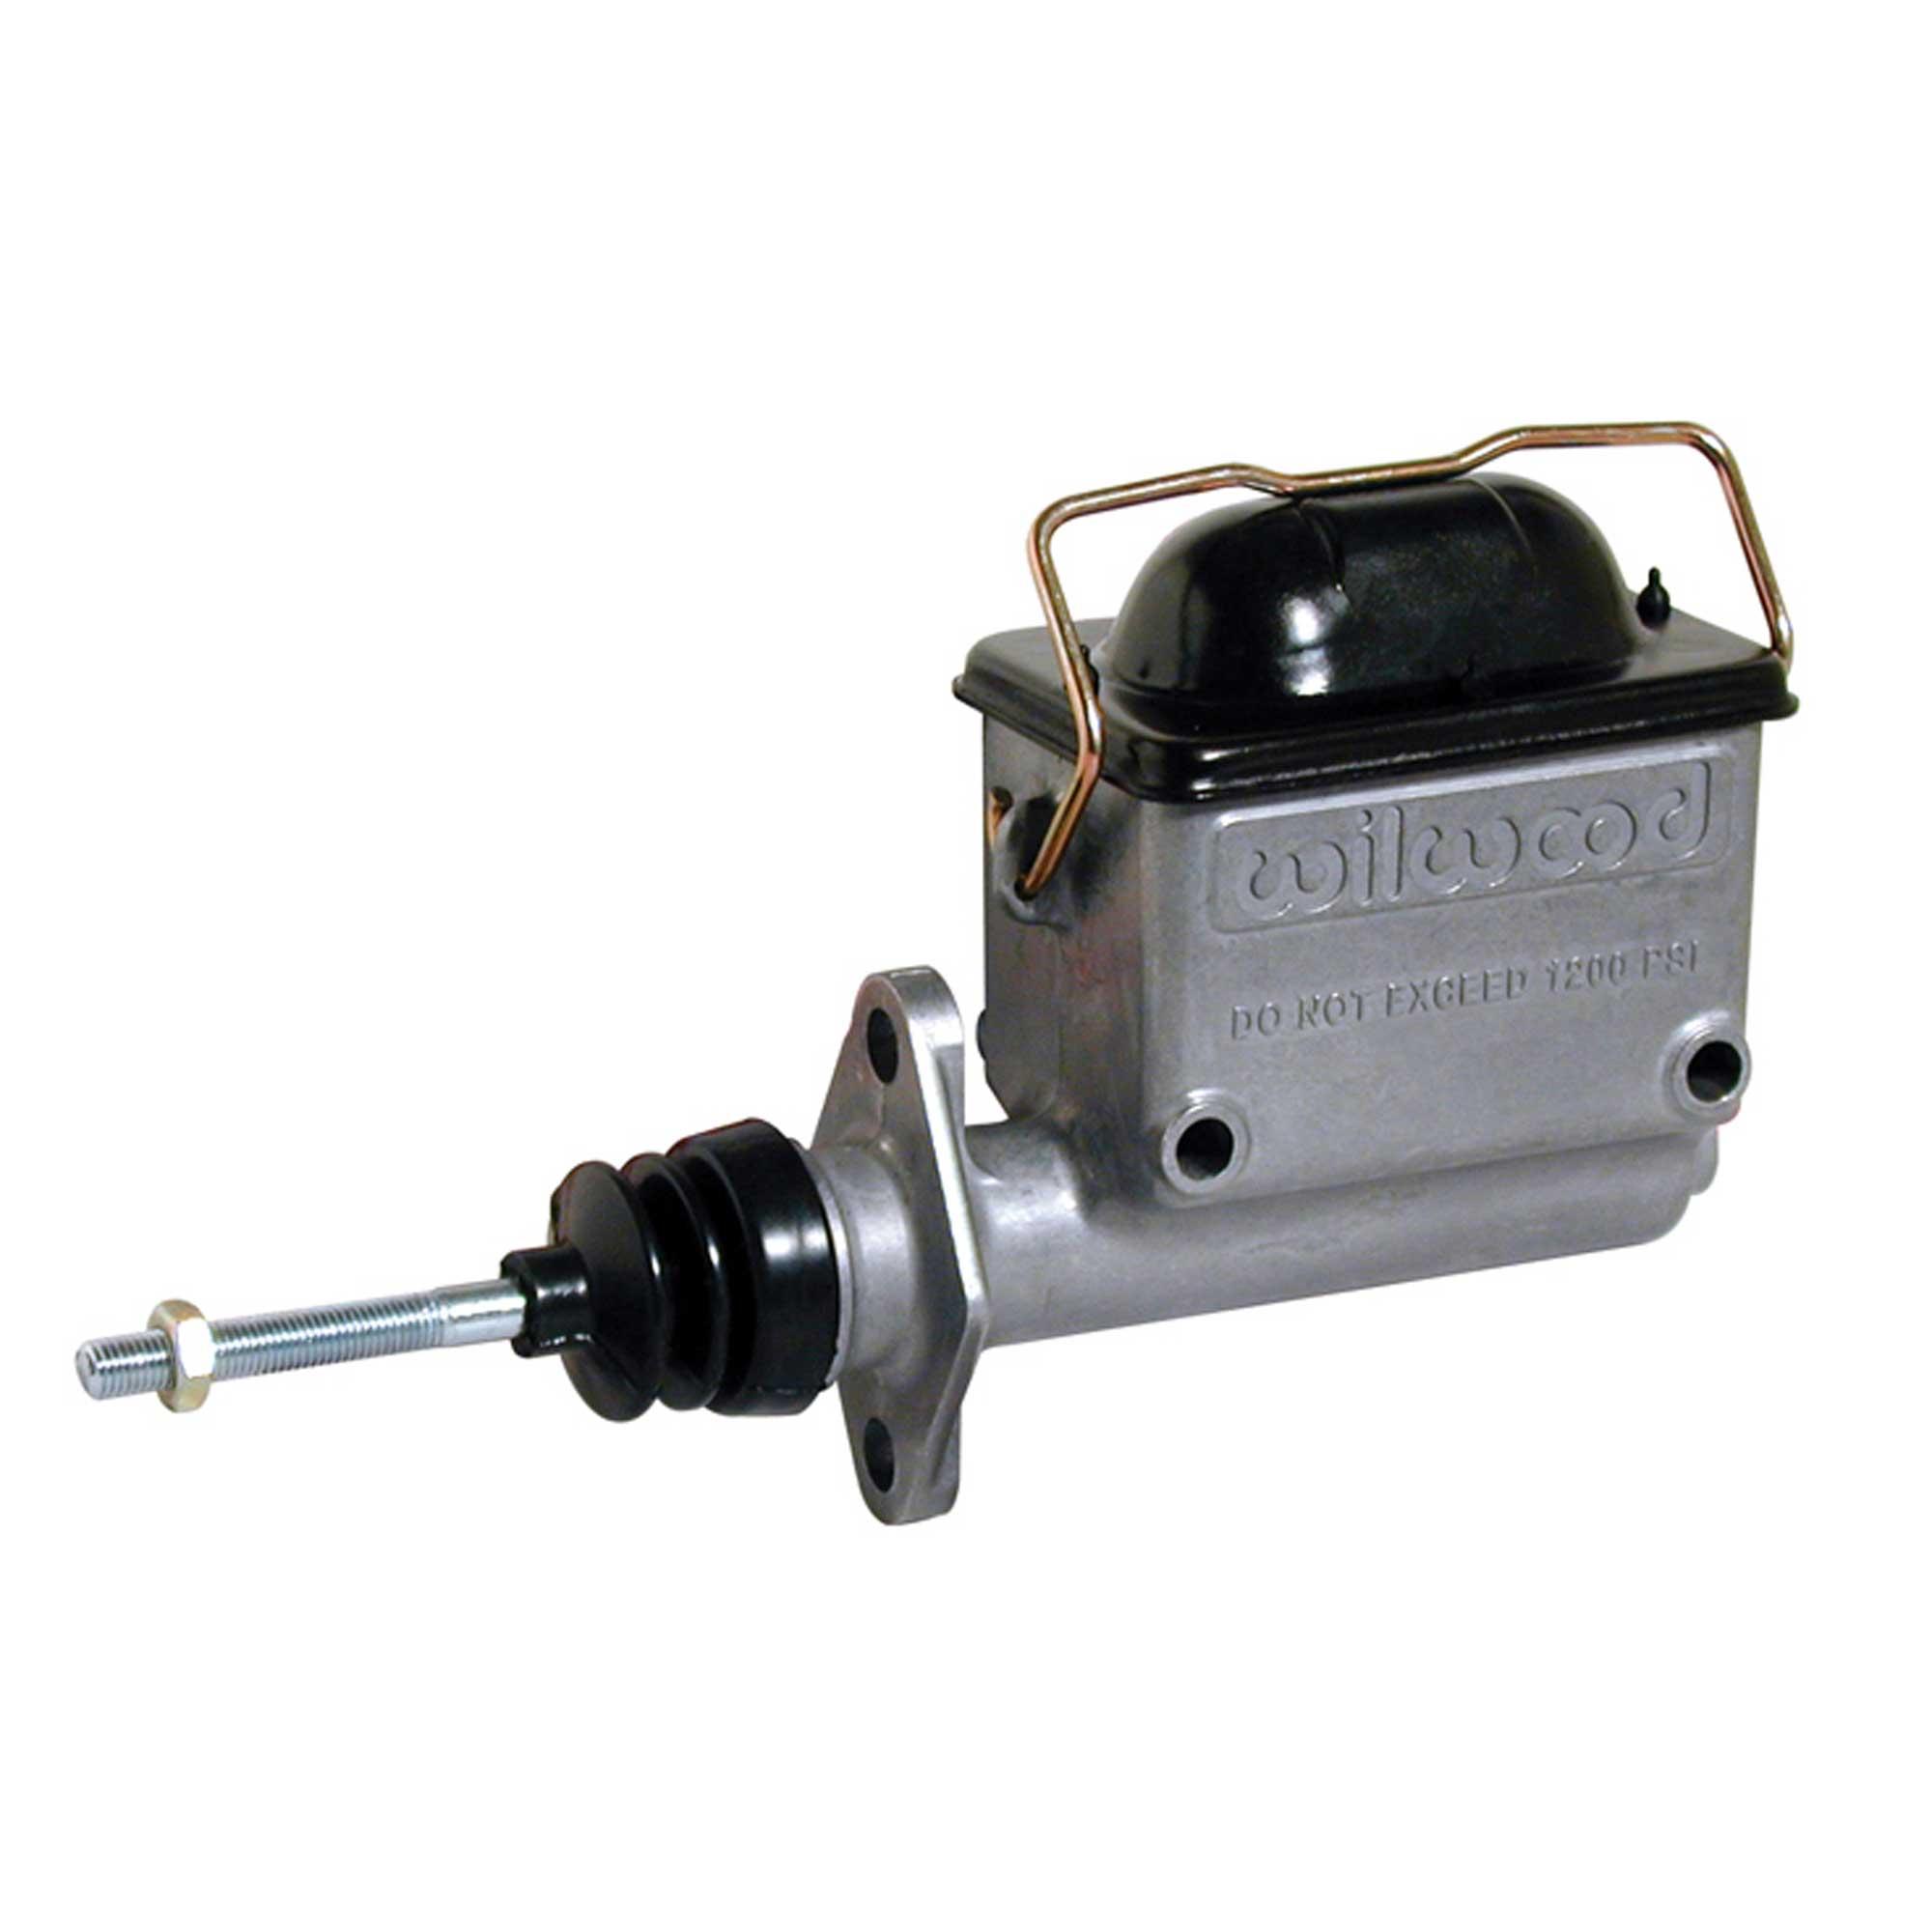 Details about Wilwood High Volume Integral Reservoir Brake / Clutch Fluid  Master Cylinder